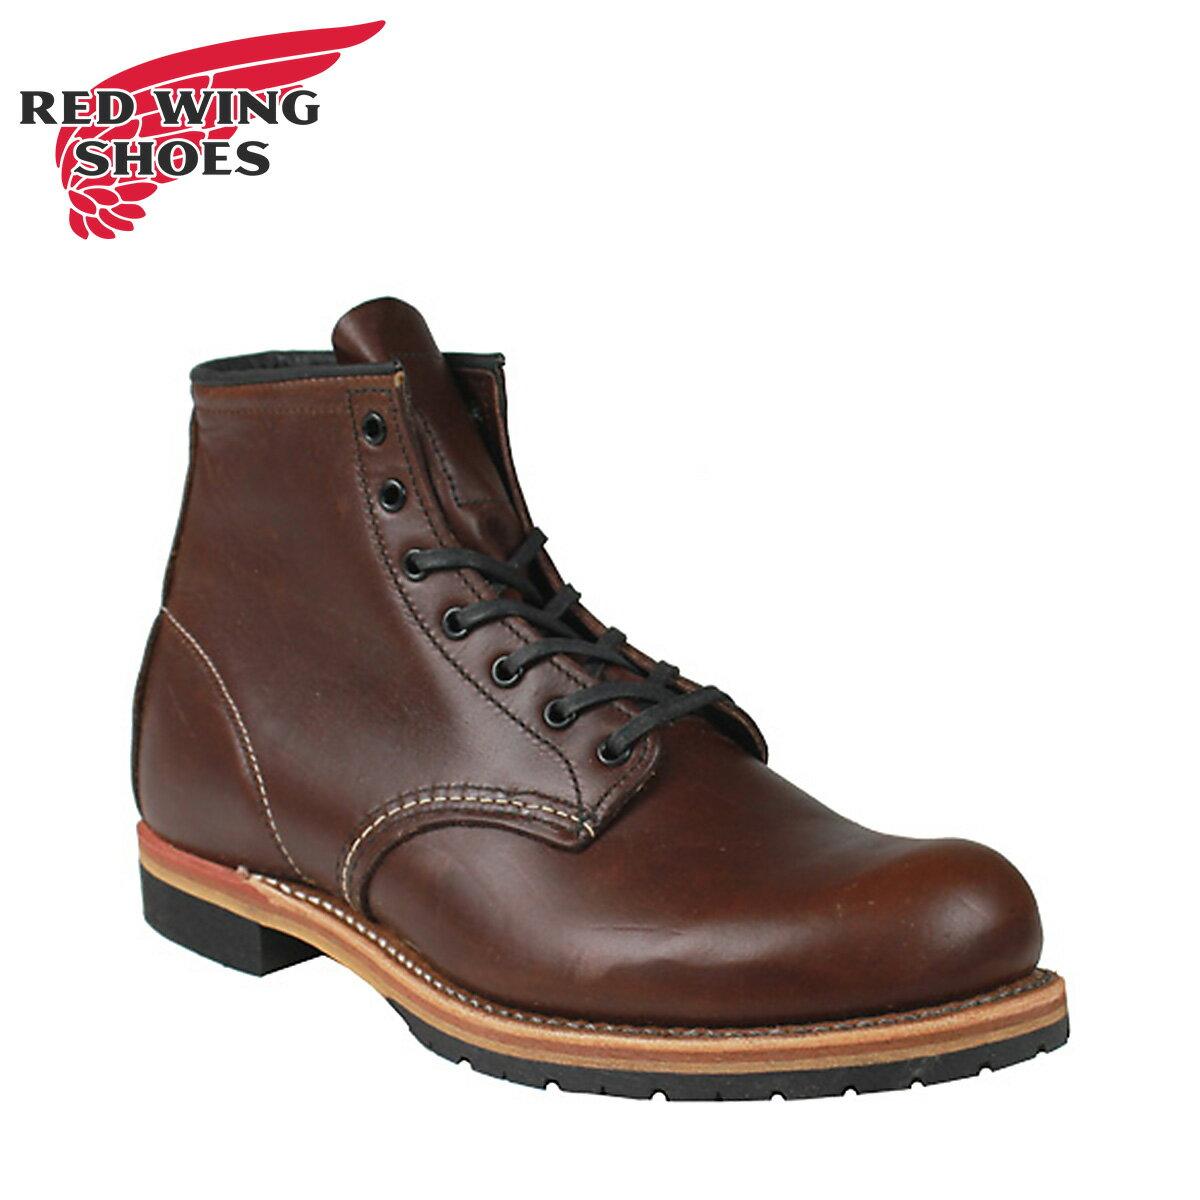 レッドウィング RED WING ベックマン ブーツ BECKMAN ROUND ラウンド トゥ Dワイズ 9016 レッドウイング ワークブーツ メンズ